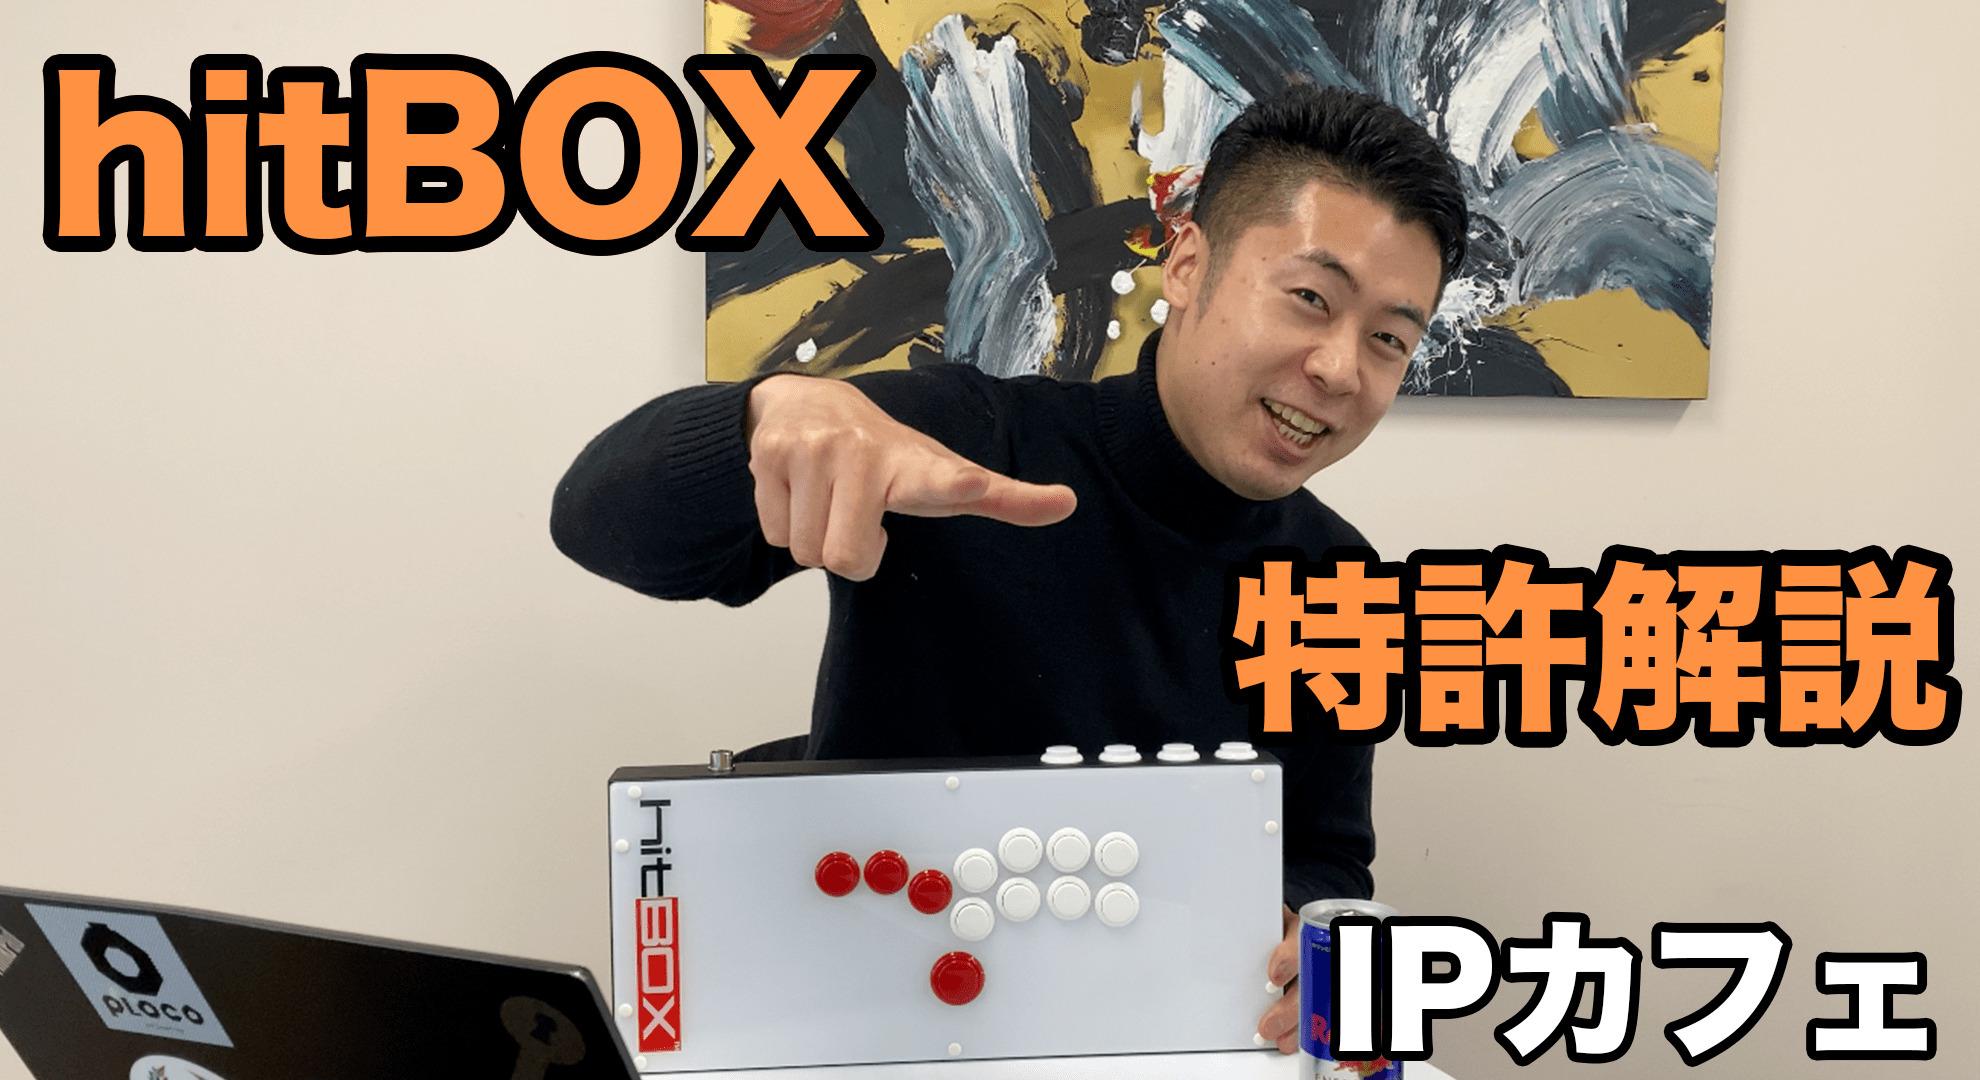 hitBOX特許について